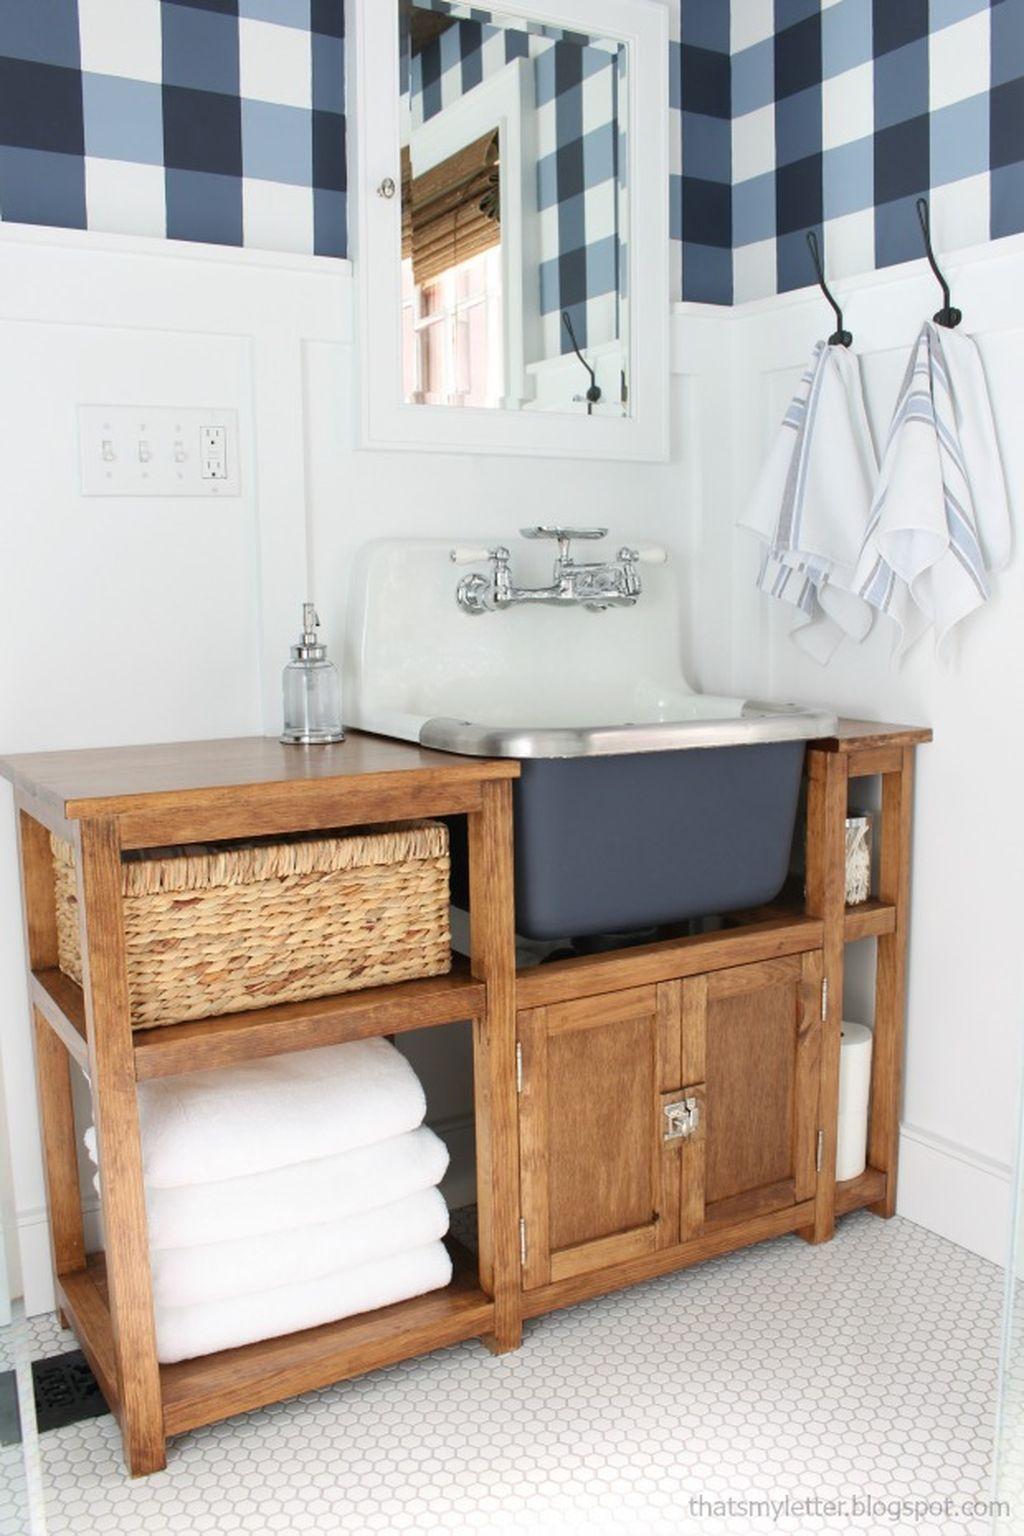 Inspiring Rustic Bathroom Vanity Remodel Ideas 19